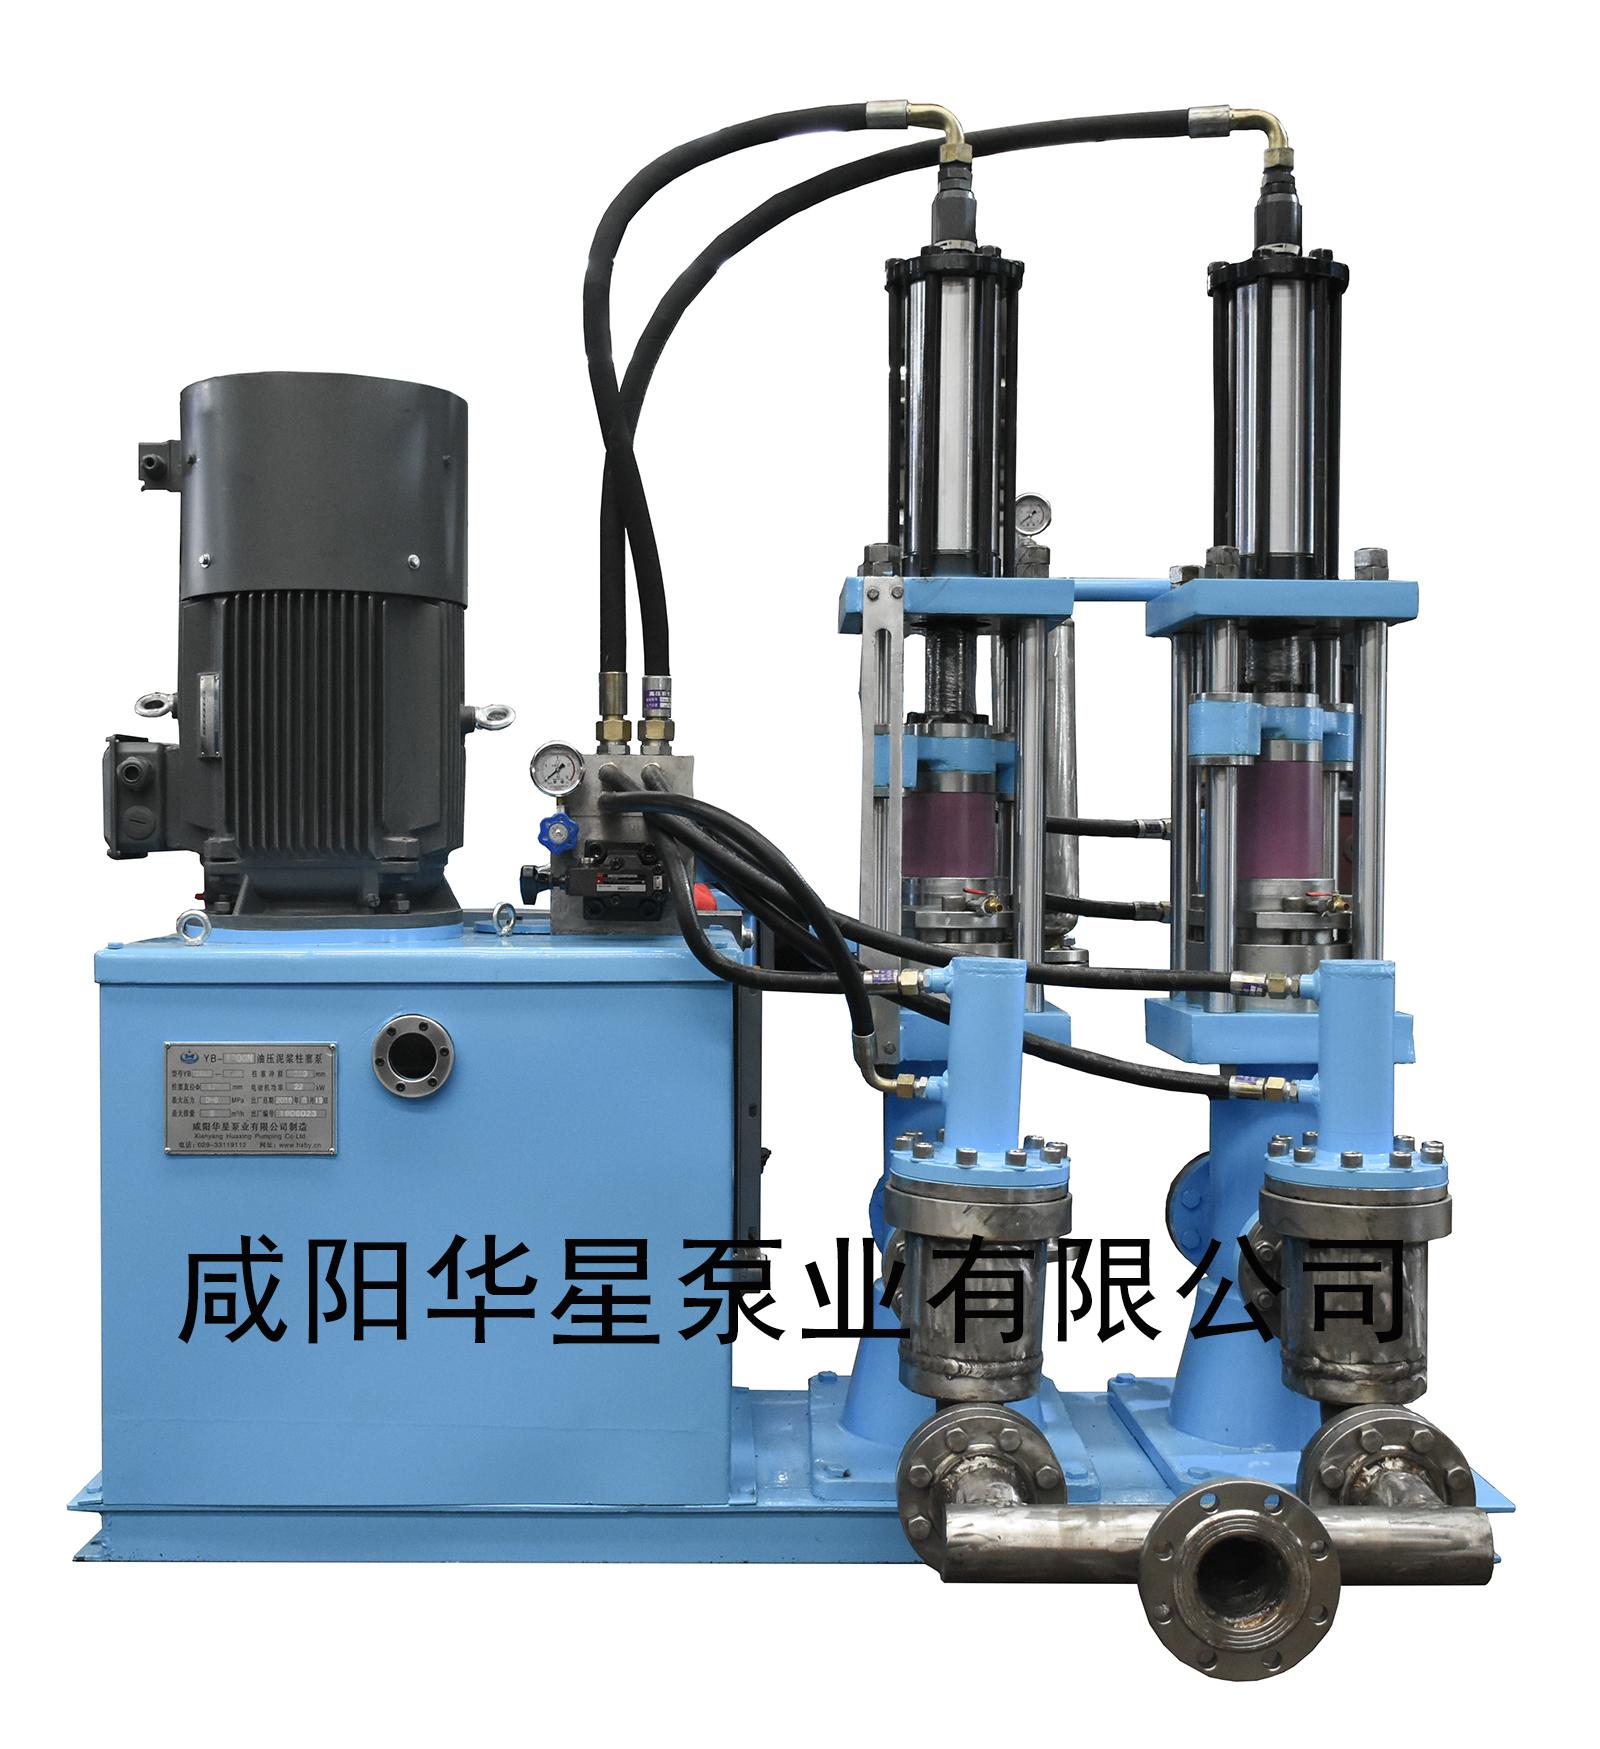 高压不锈钢柱塞泥浆泵